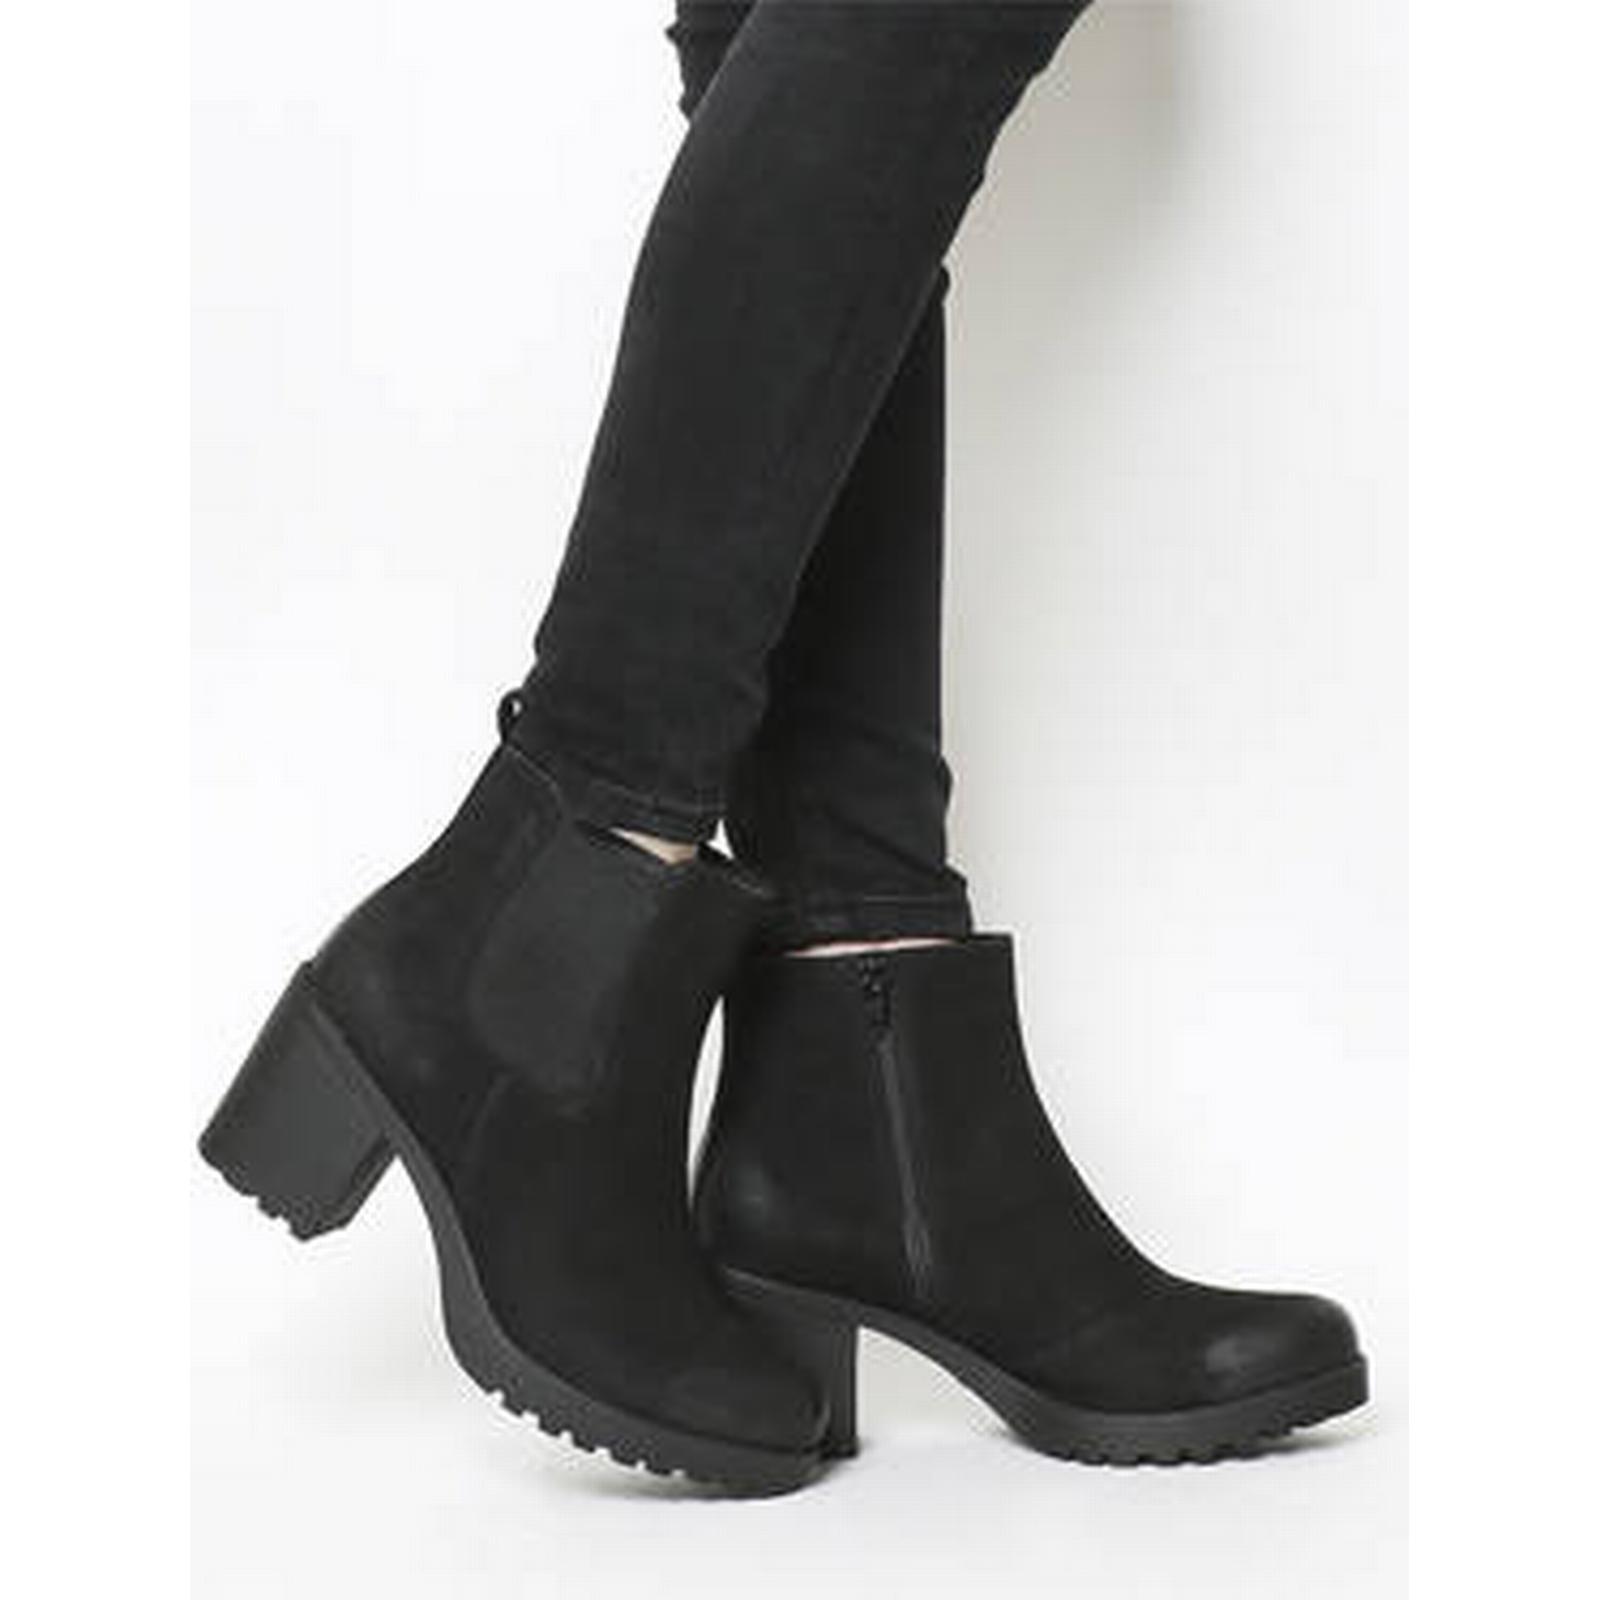 Vagabond Heeled Grace Heeled Vagabond Chelsea Boots BLACK NUBUCK eafa68